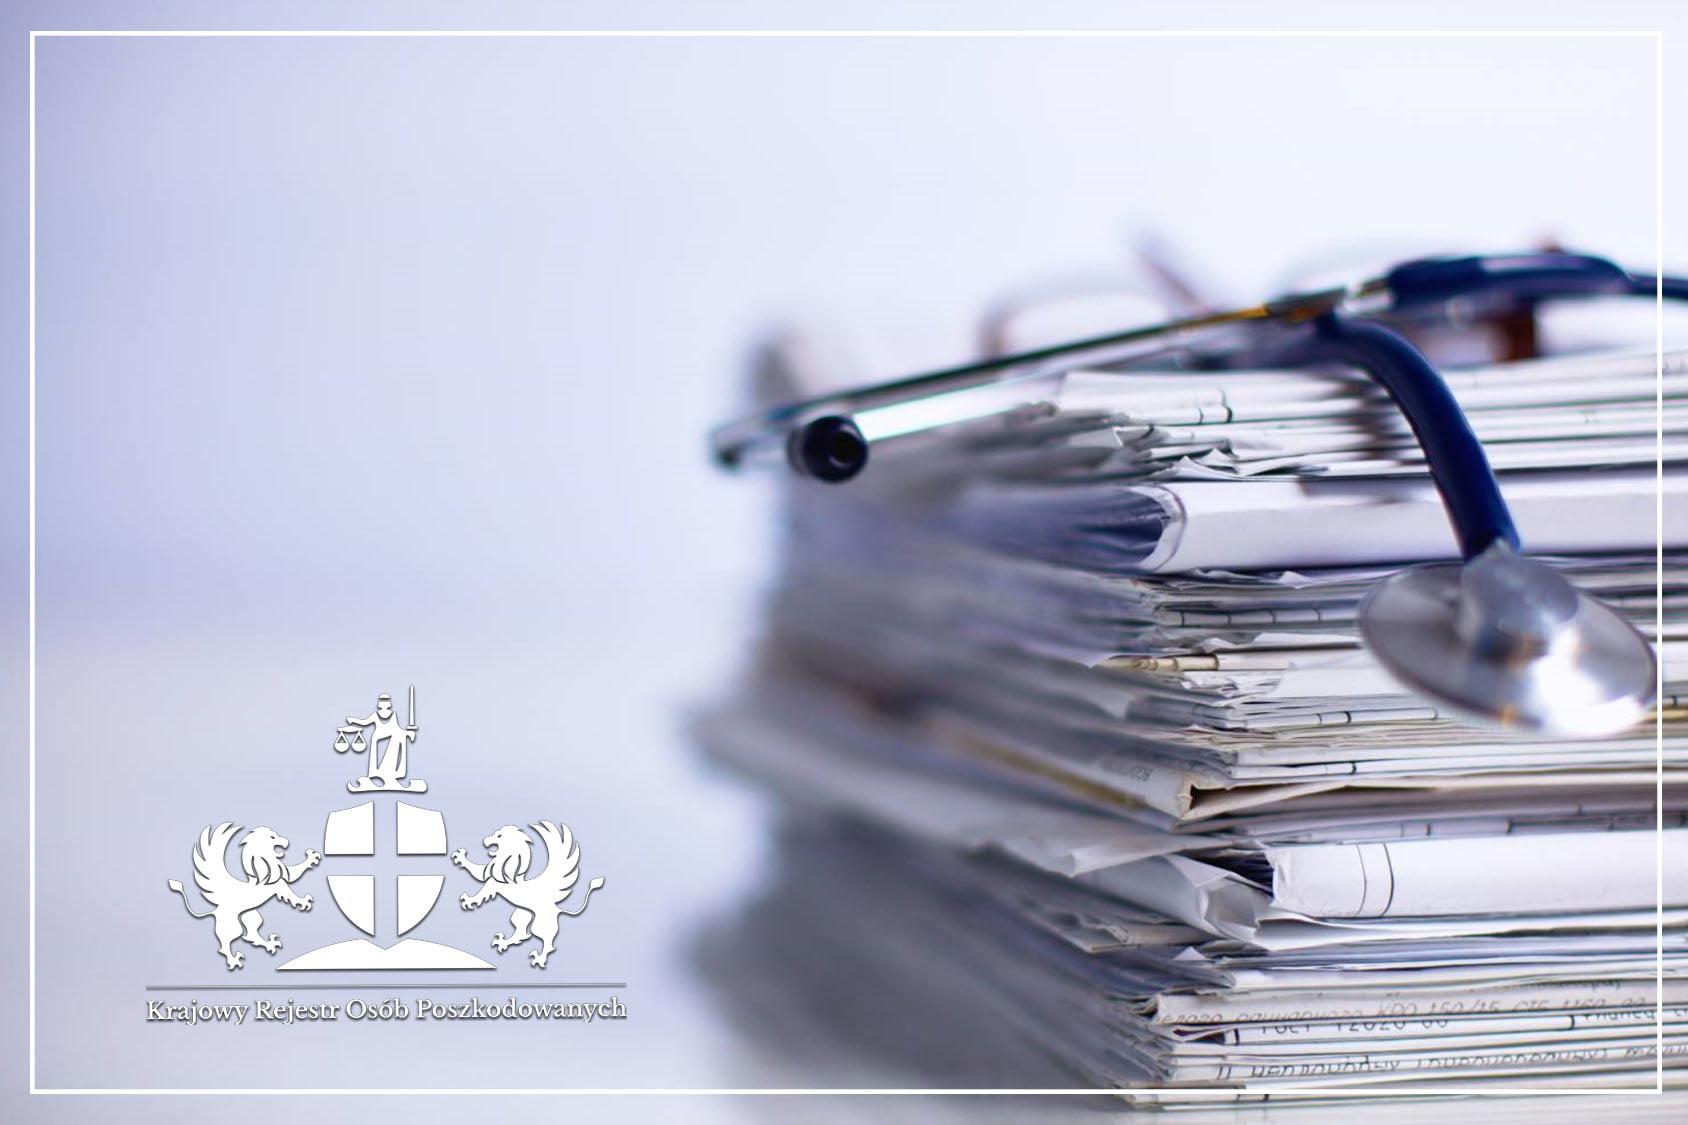 Wydanie dokumentacji medycznej po śmierci pacjenta